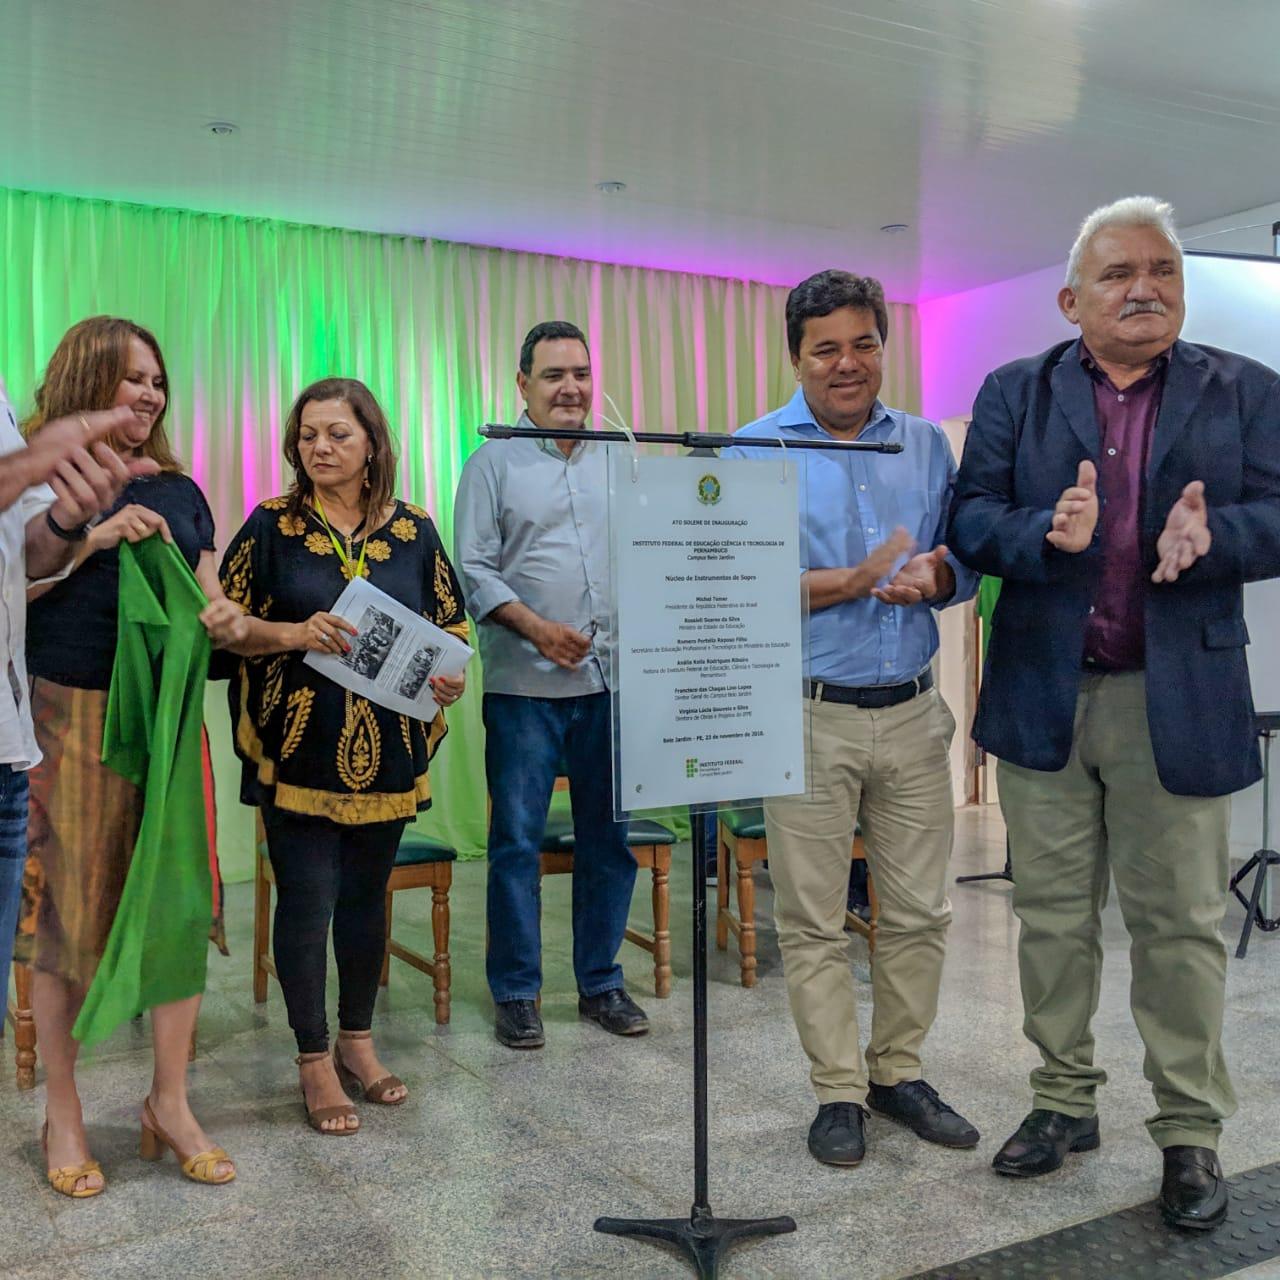 'Independente de mandato, o amor por PE e BJ continua', declarou Mendonça durante evento no IFPE